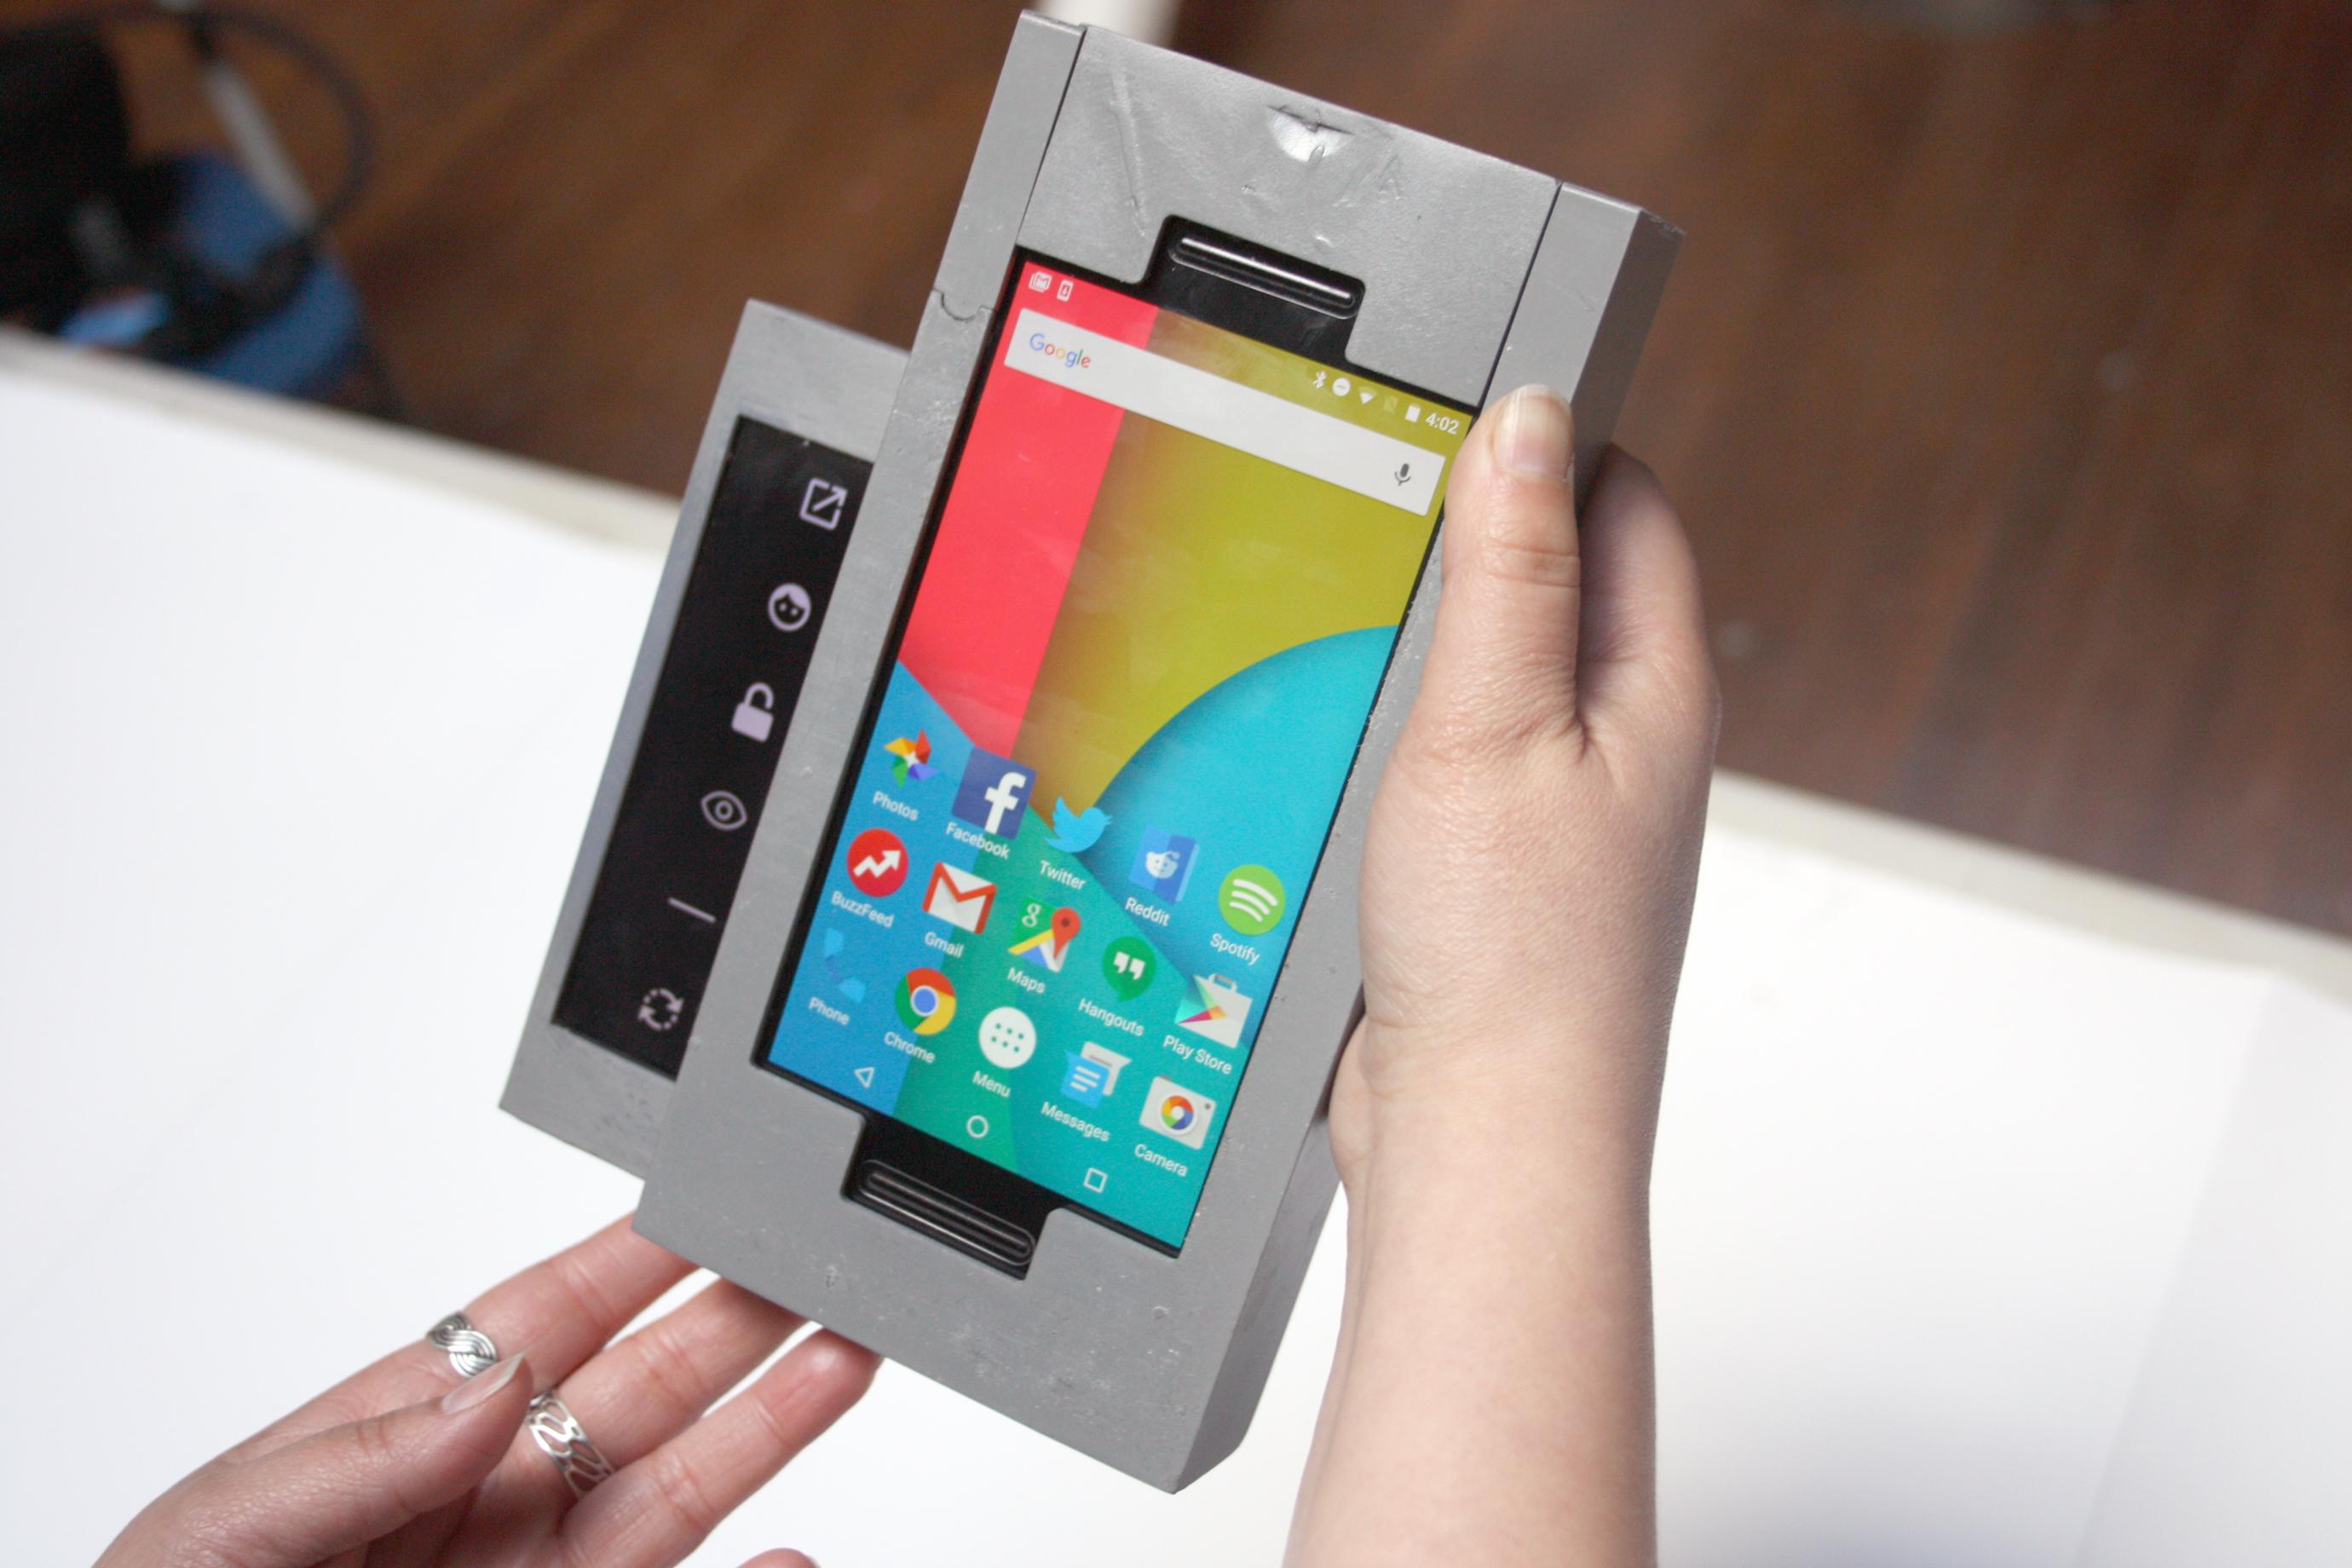 Este 'smartphone' con 'hijos' permite a los padres controlar qué hacen los suyos con el teléfono